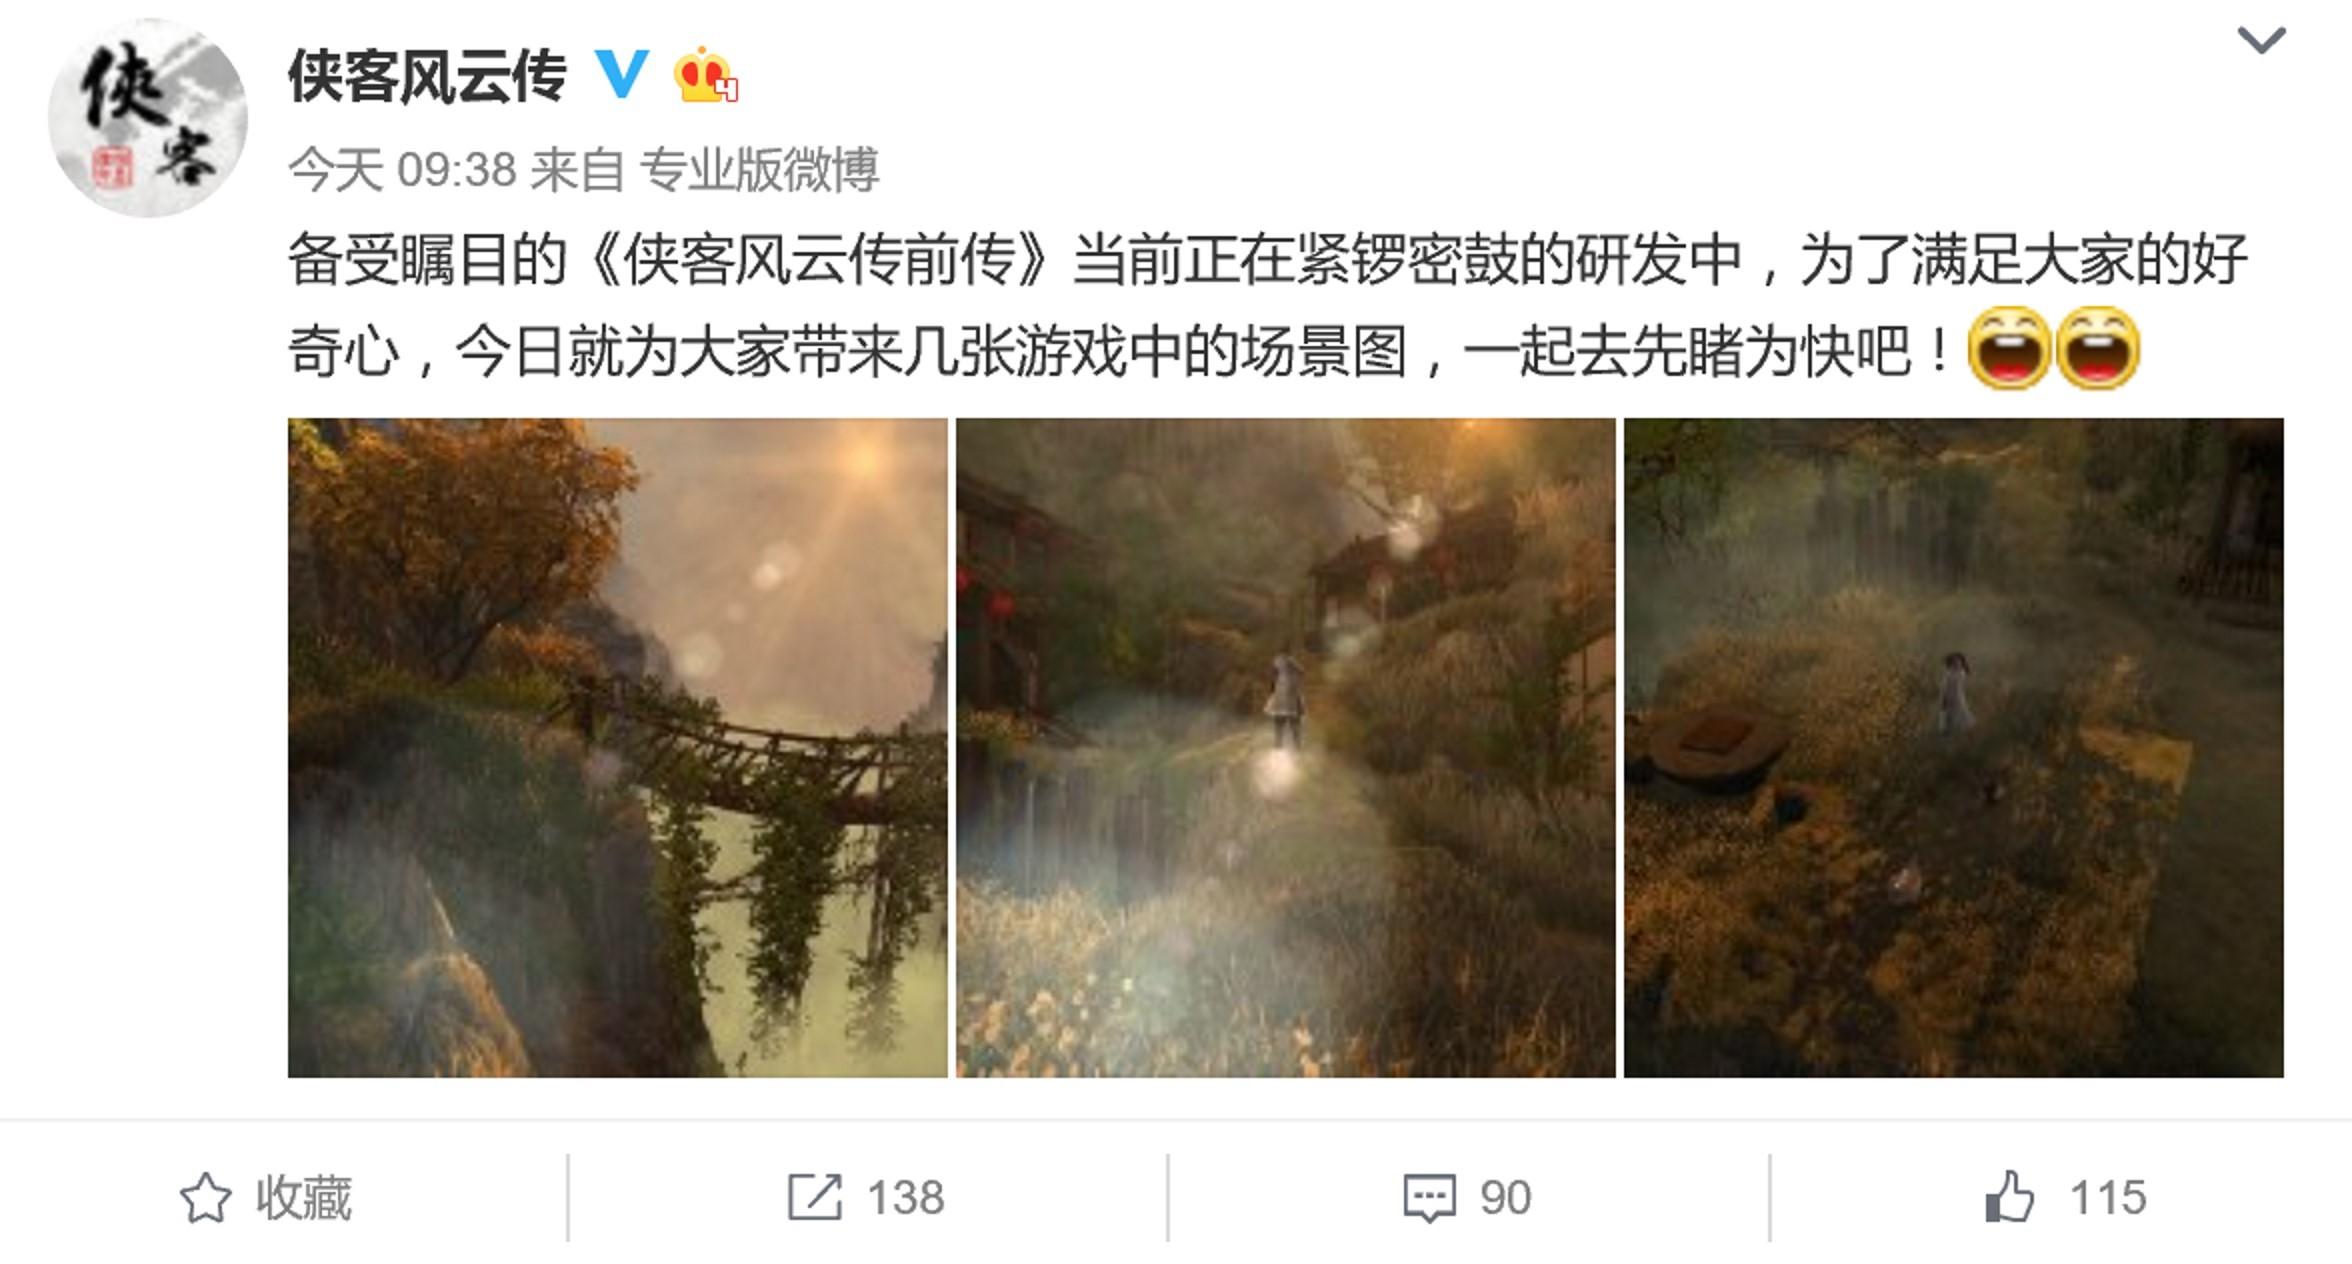 侠客风云传前传场景图首曝